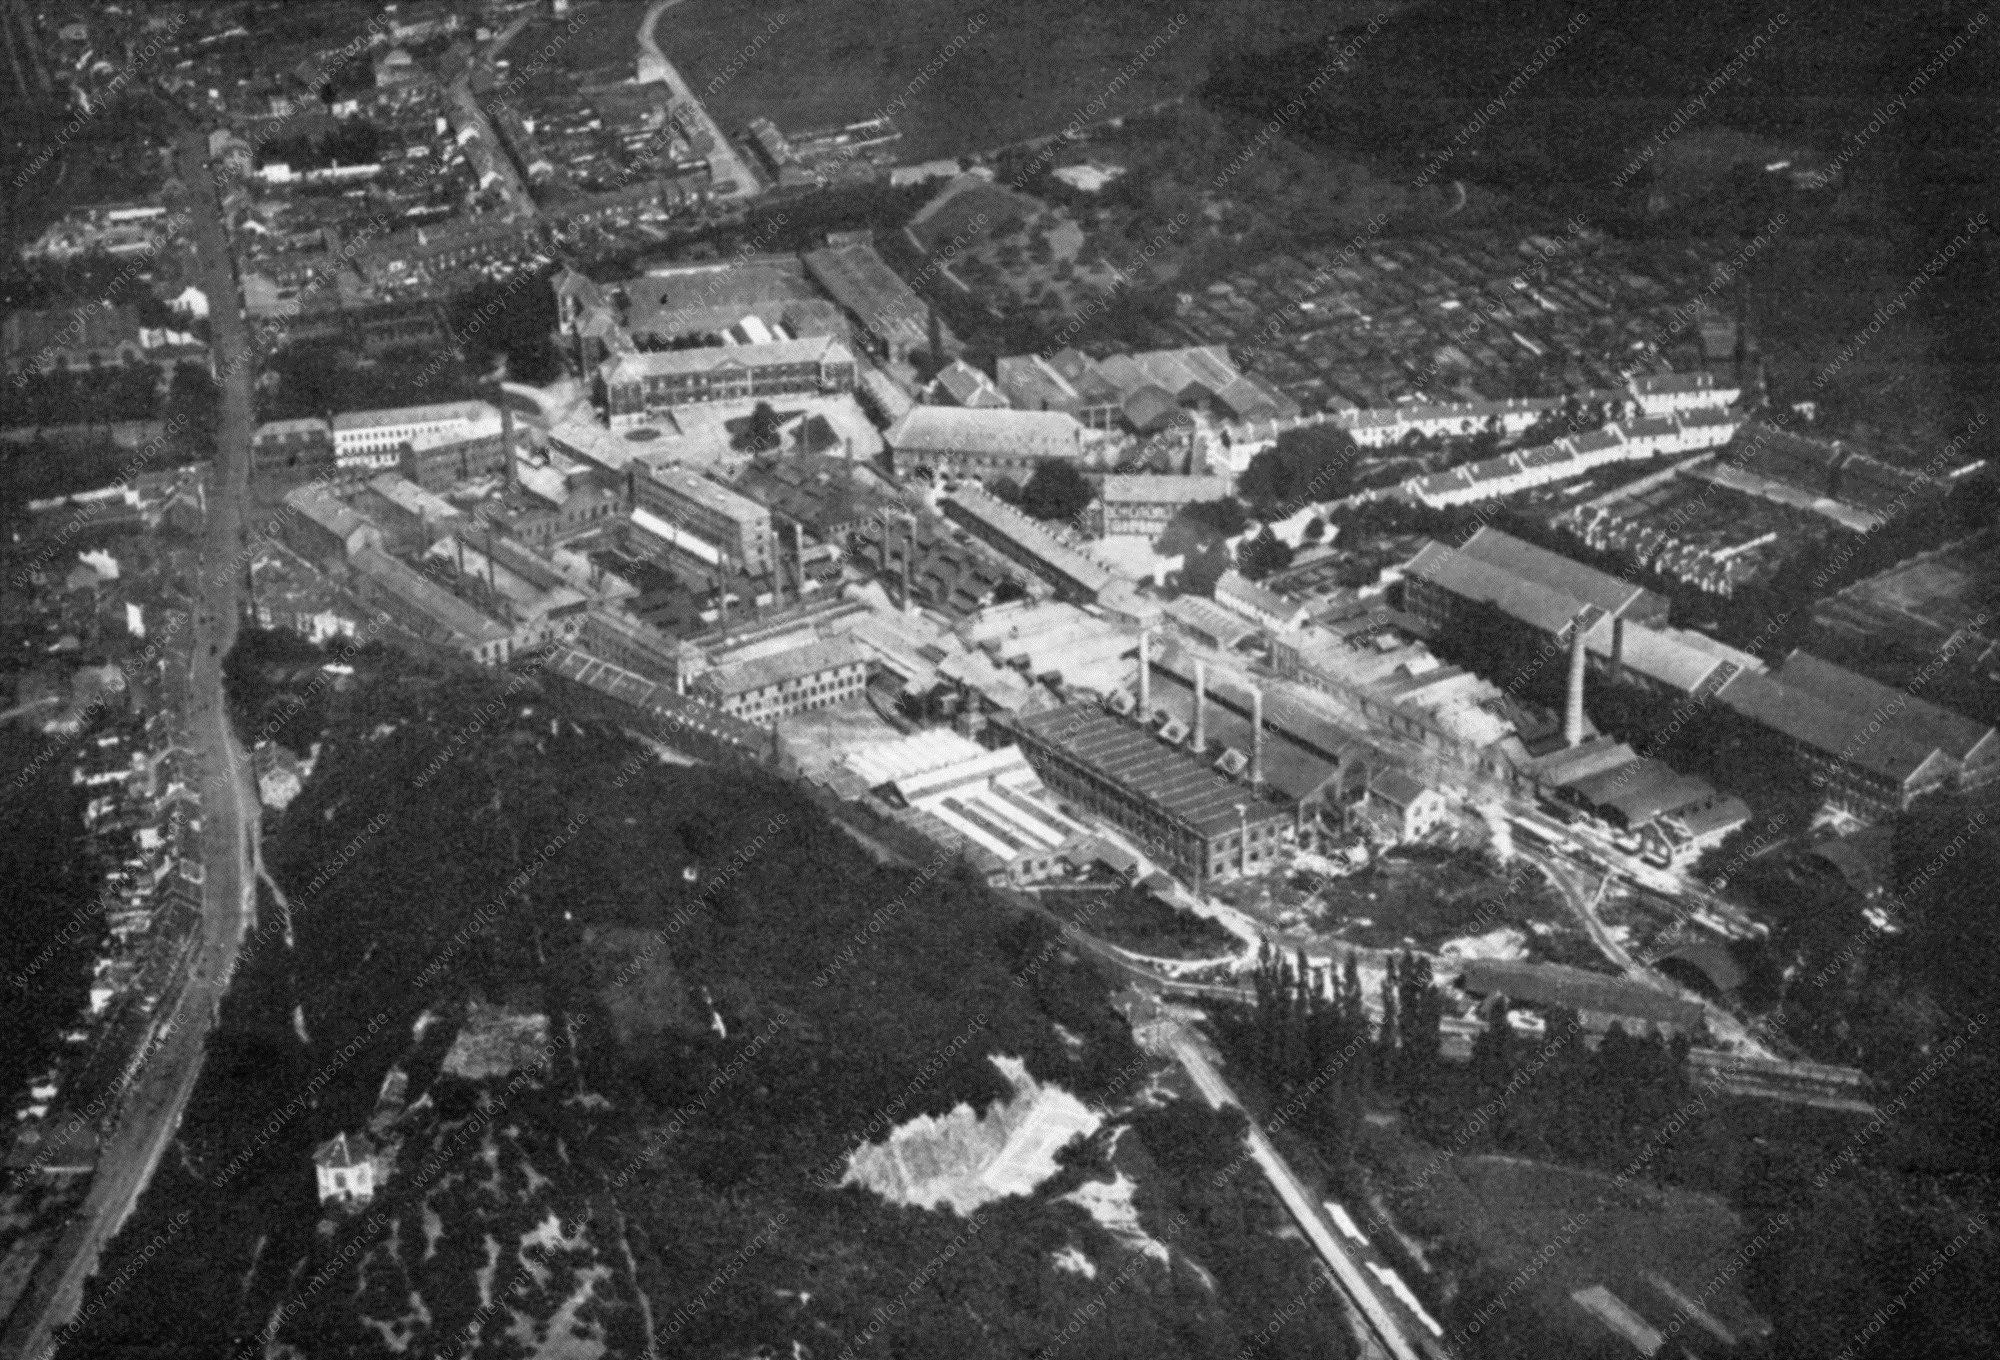 Luchtopname 1945: Kristalfabriek en glasfabriek Val-Saint-Lambert in Seraing in België